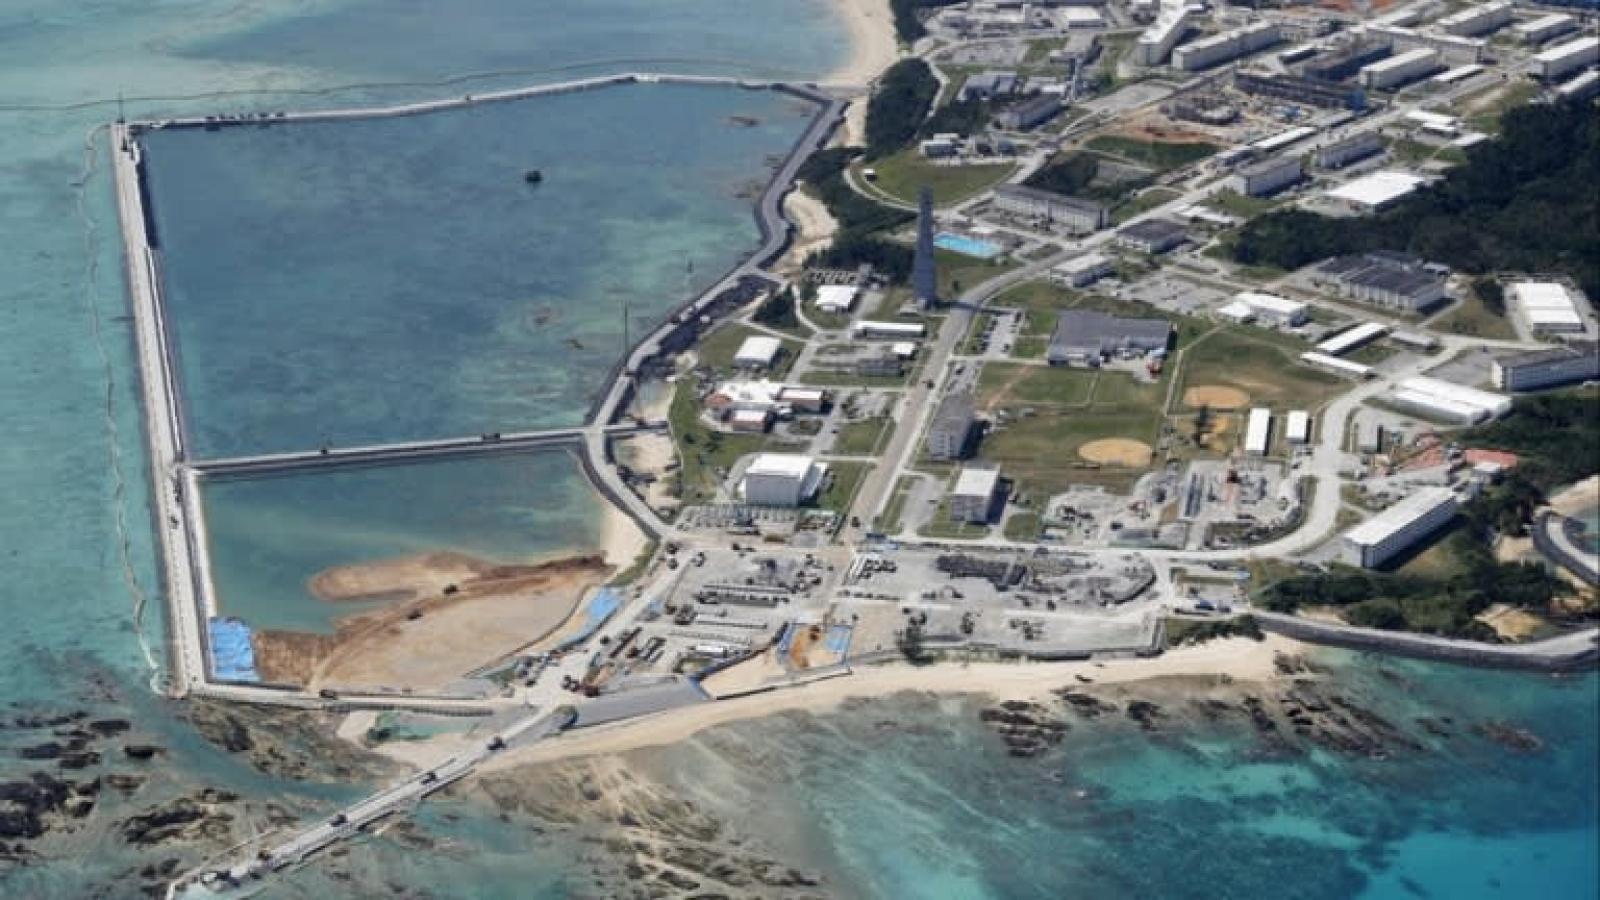 Mỹ săn tìm căn cứ để tạo thế răn đe Trung Quốc ở Ấn Độ Dương-Thái Bình Dương